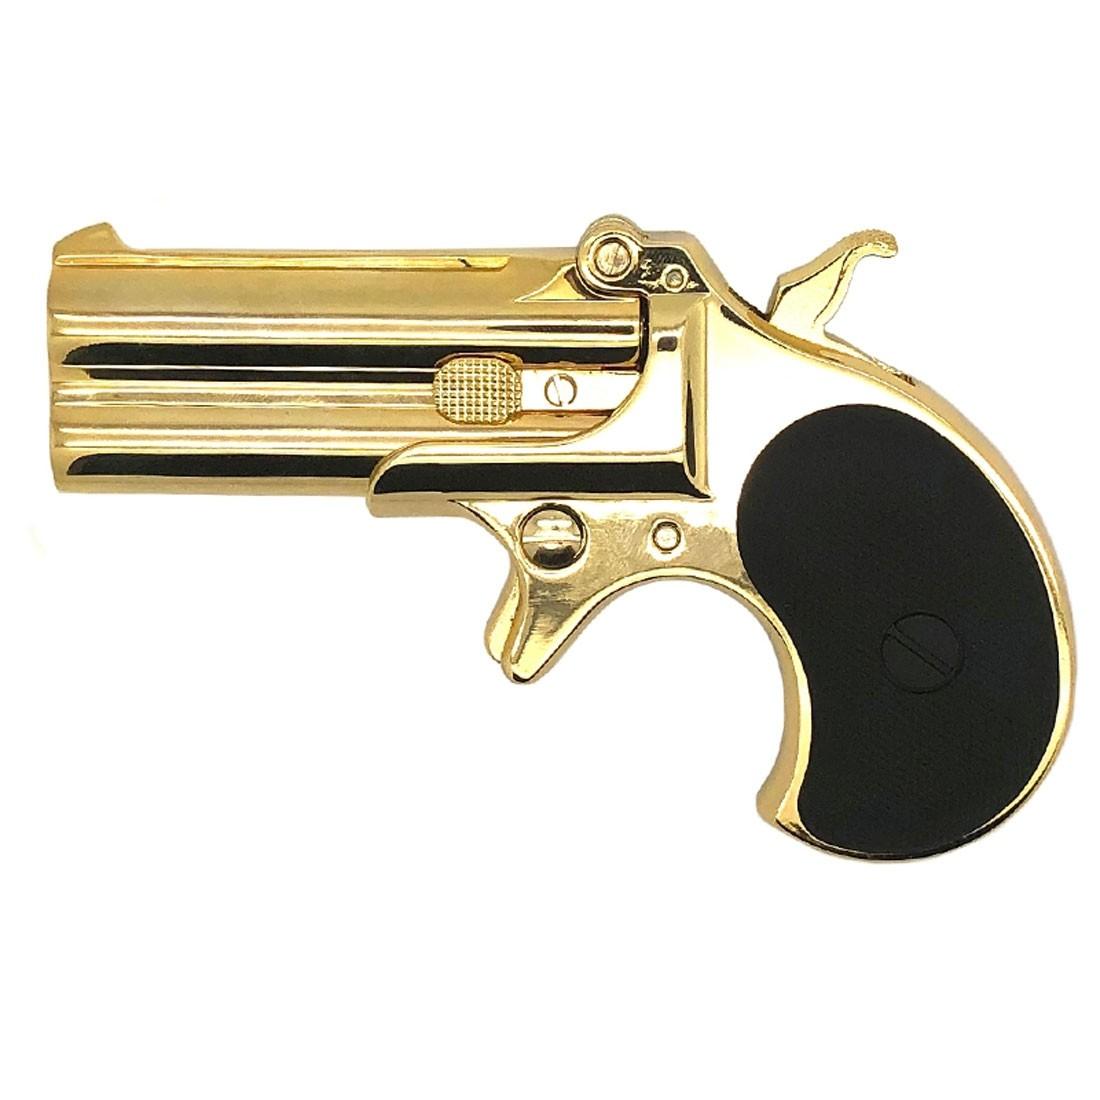 Maxtact Derringer Full Metal Gas Airsoft Double Barrel Pistol - Gold